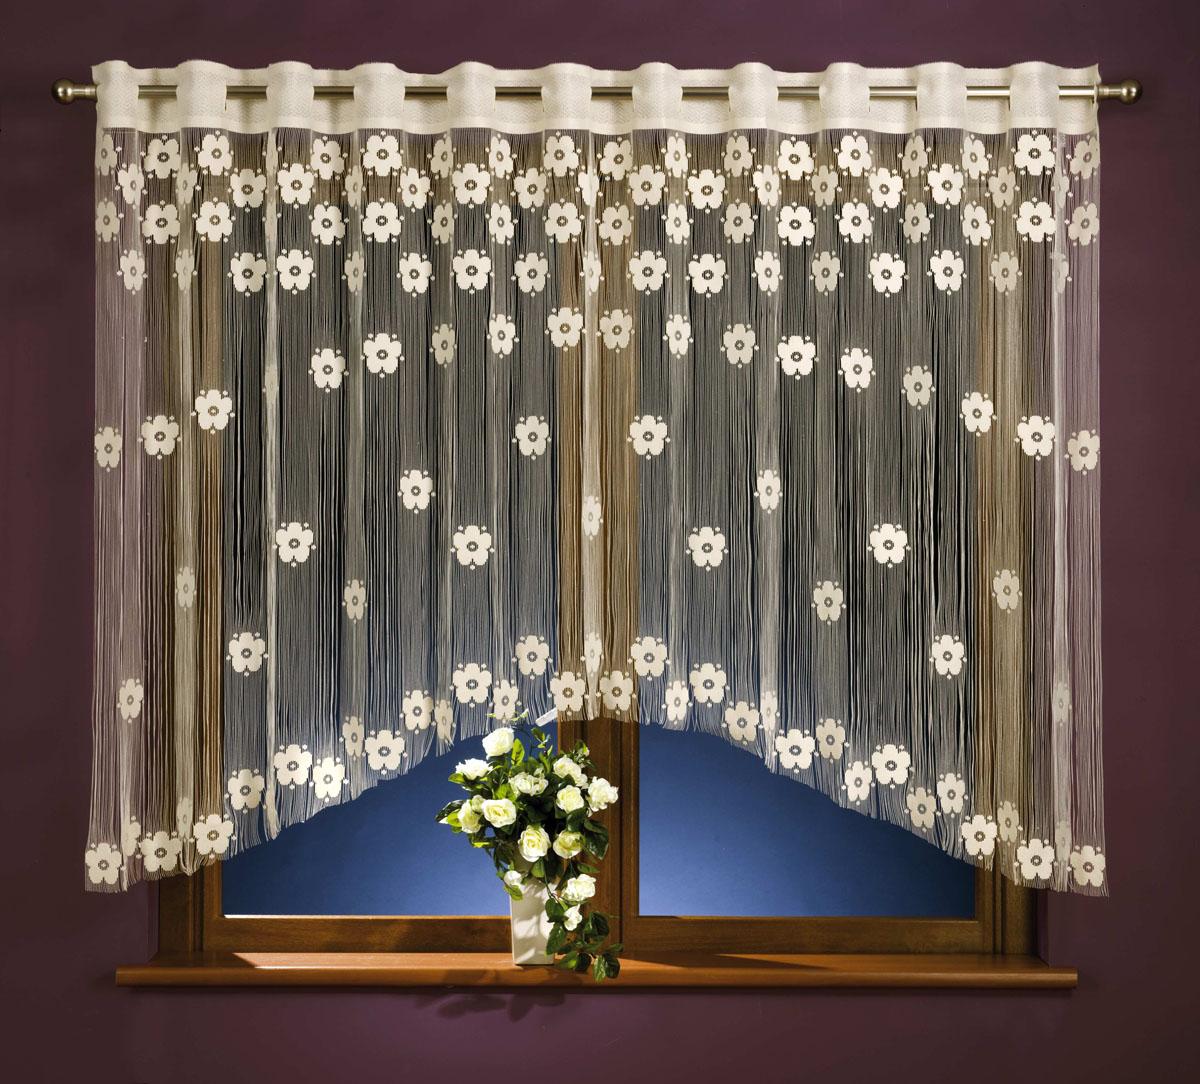 Гардина-лапша Maja, на петлях, цвет: белый, высота 160 см676040Легкая гардина-лапша Maja, изготовленная из полиэстера белого цвета, станет великолепным украшением любого окна. Тонкое плетение, оригинальный дизайн привлекут к себе внимание и органично впишутся в интерьер комнаты. Гардина-лапша оснащена петлями для крепления на круглый карниз.